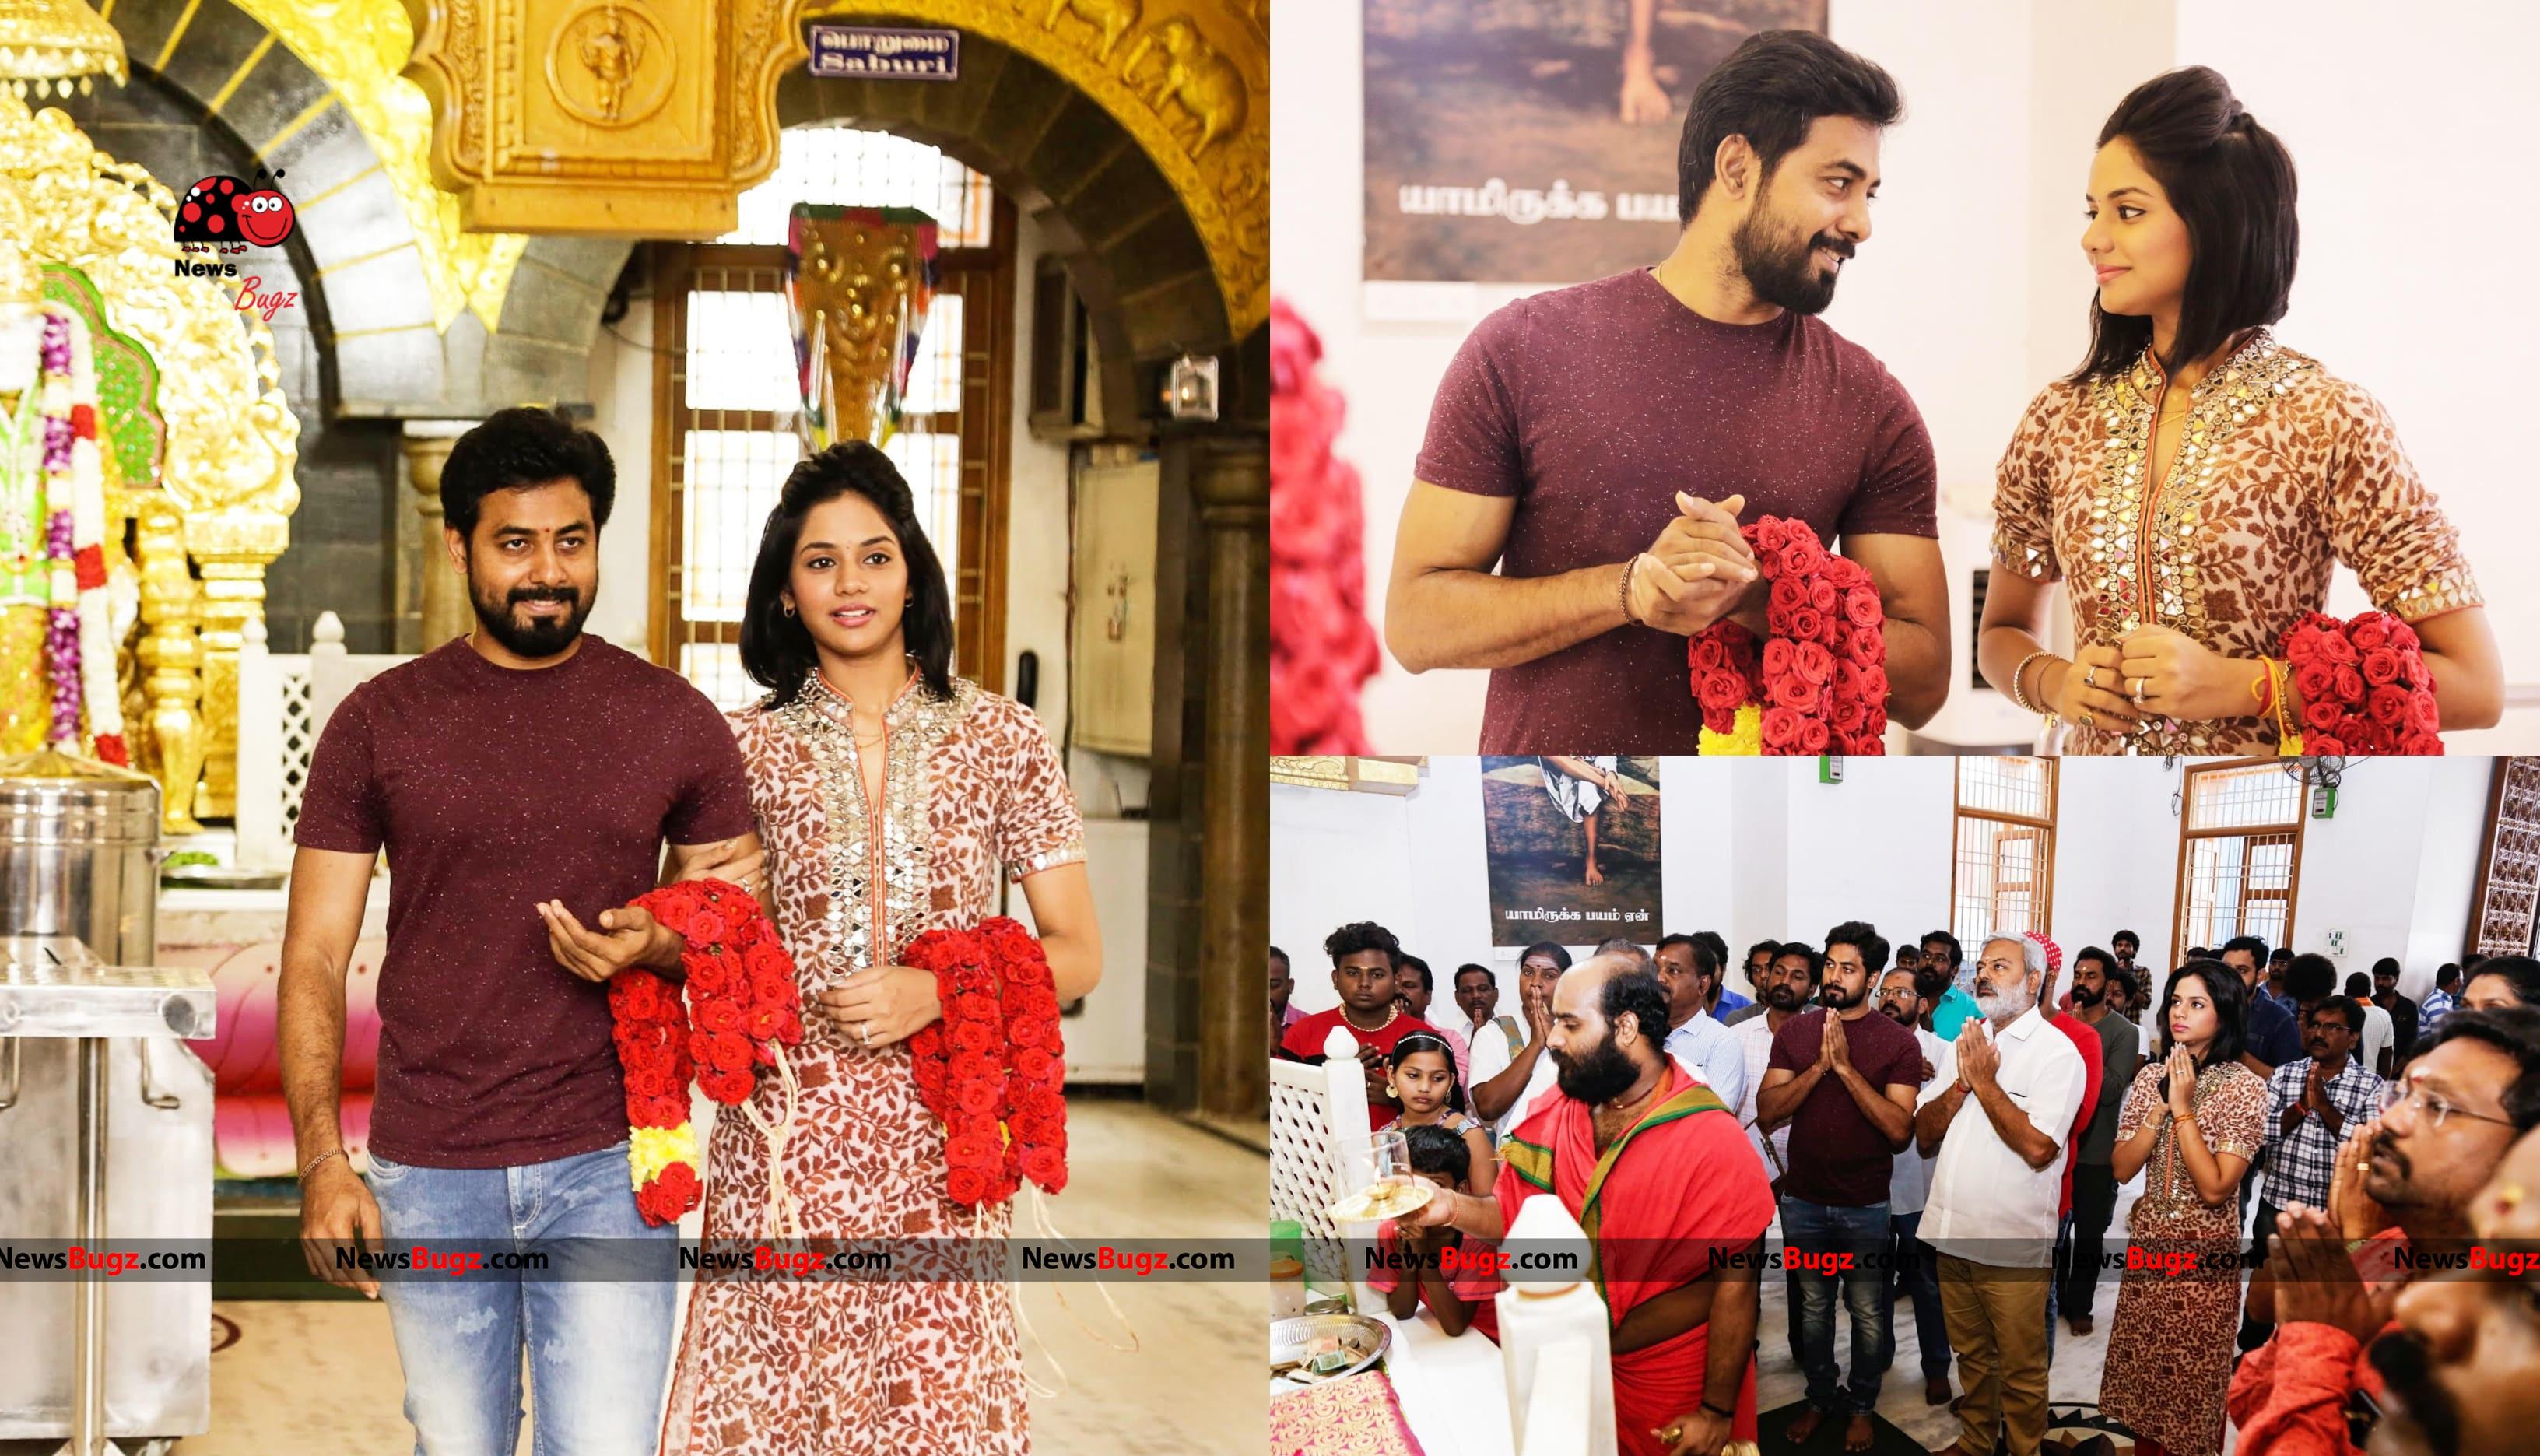 Aishwarya Dutta's New Movie